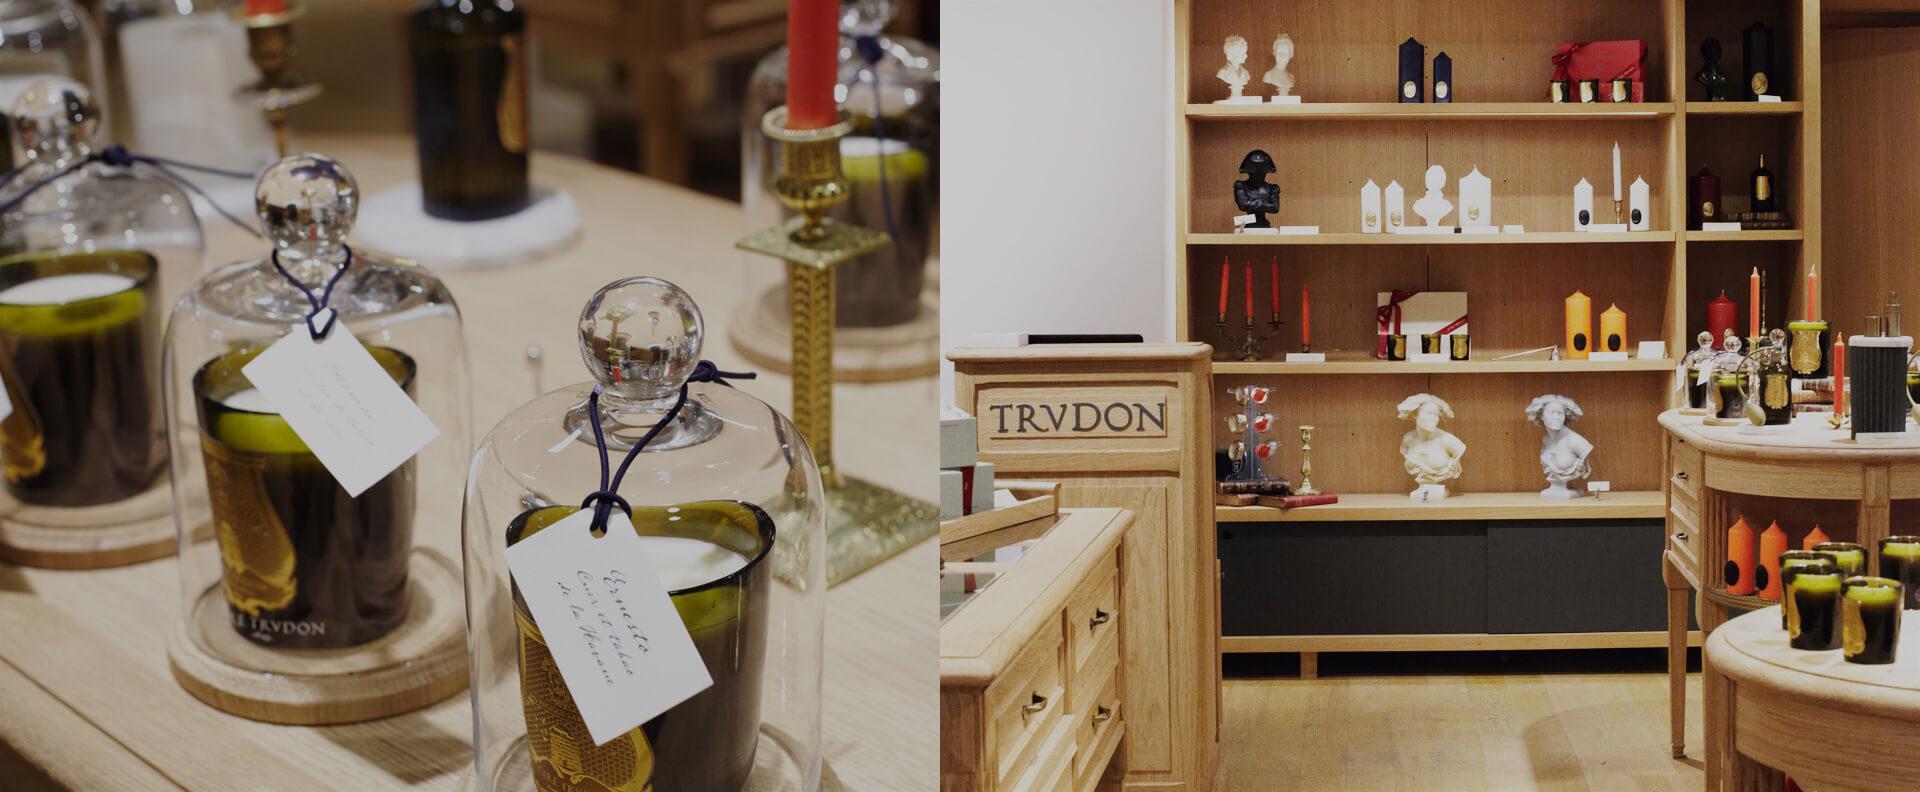 nos boutiques trudon. Black Bedroom Furniture Sets. Home Design Ideas